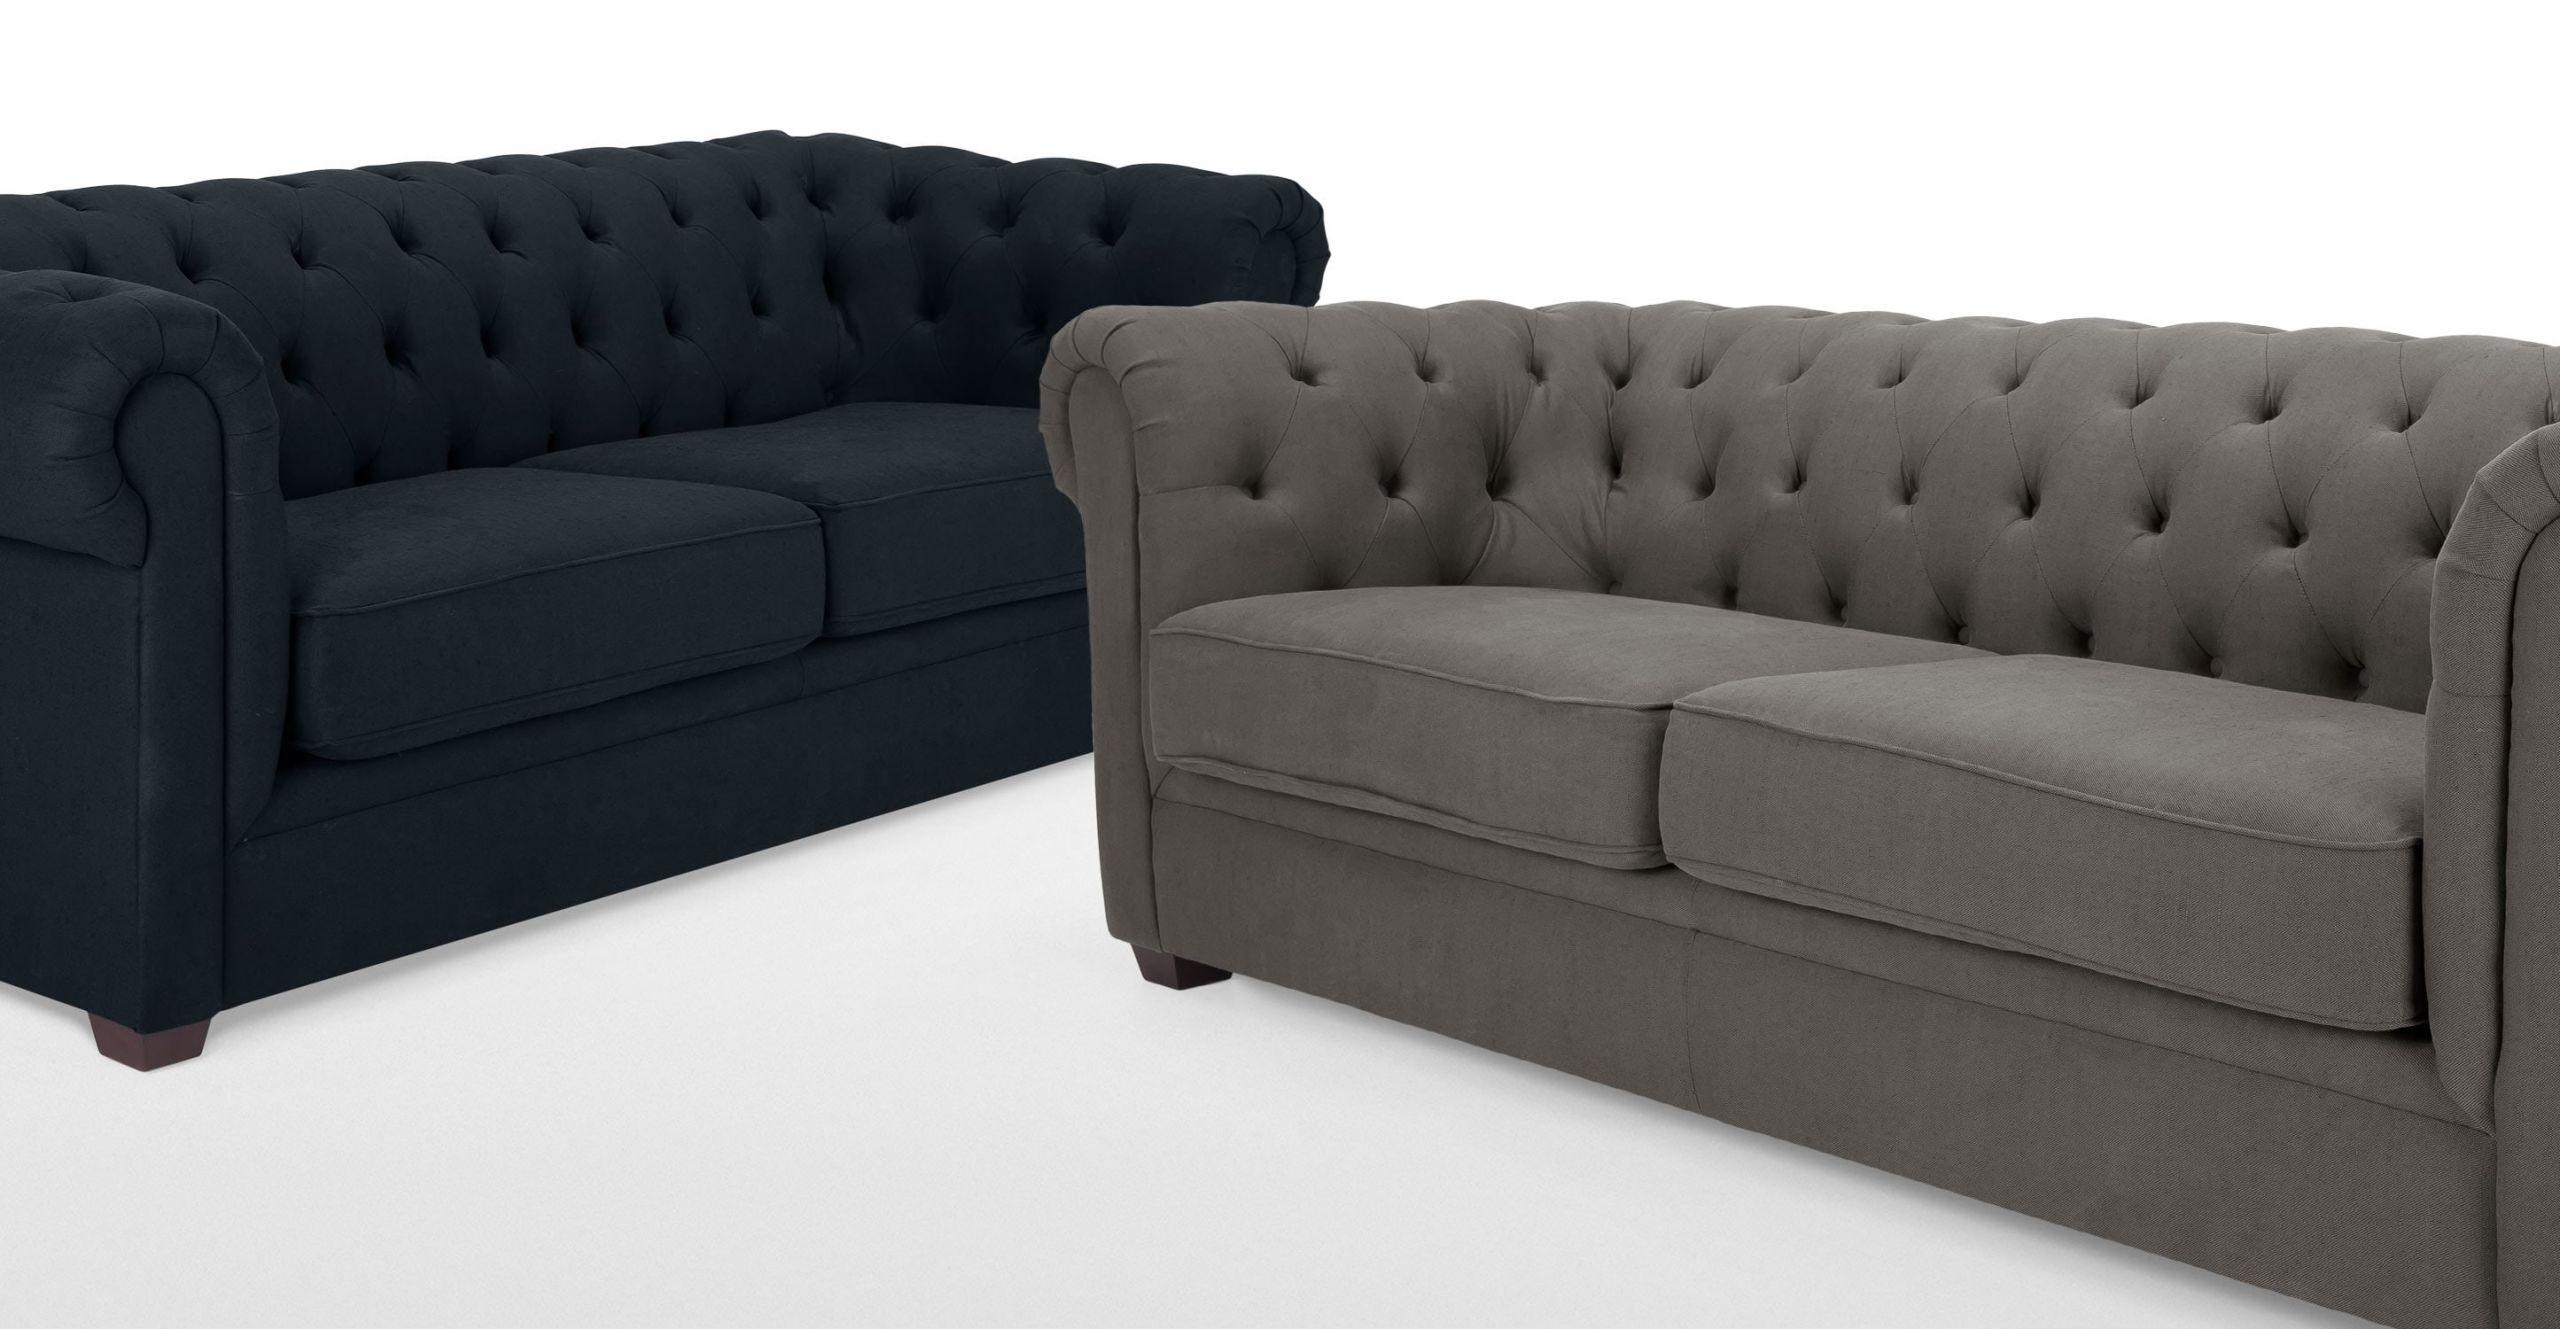 Mayson un canapé 3 places Chesterfield gris harrier